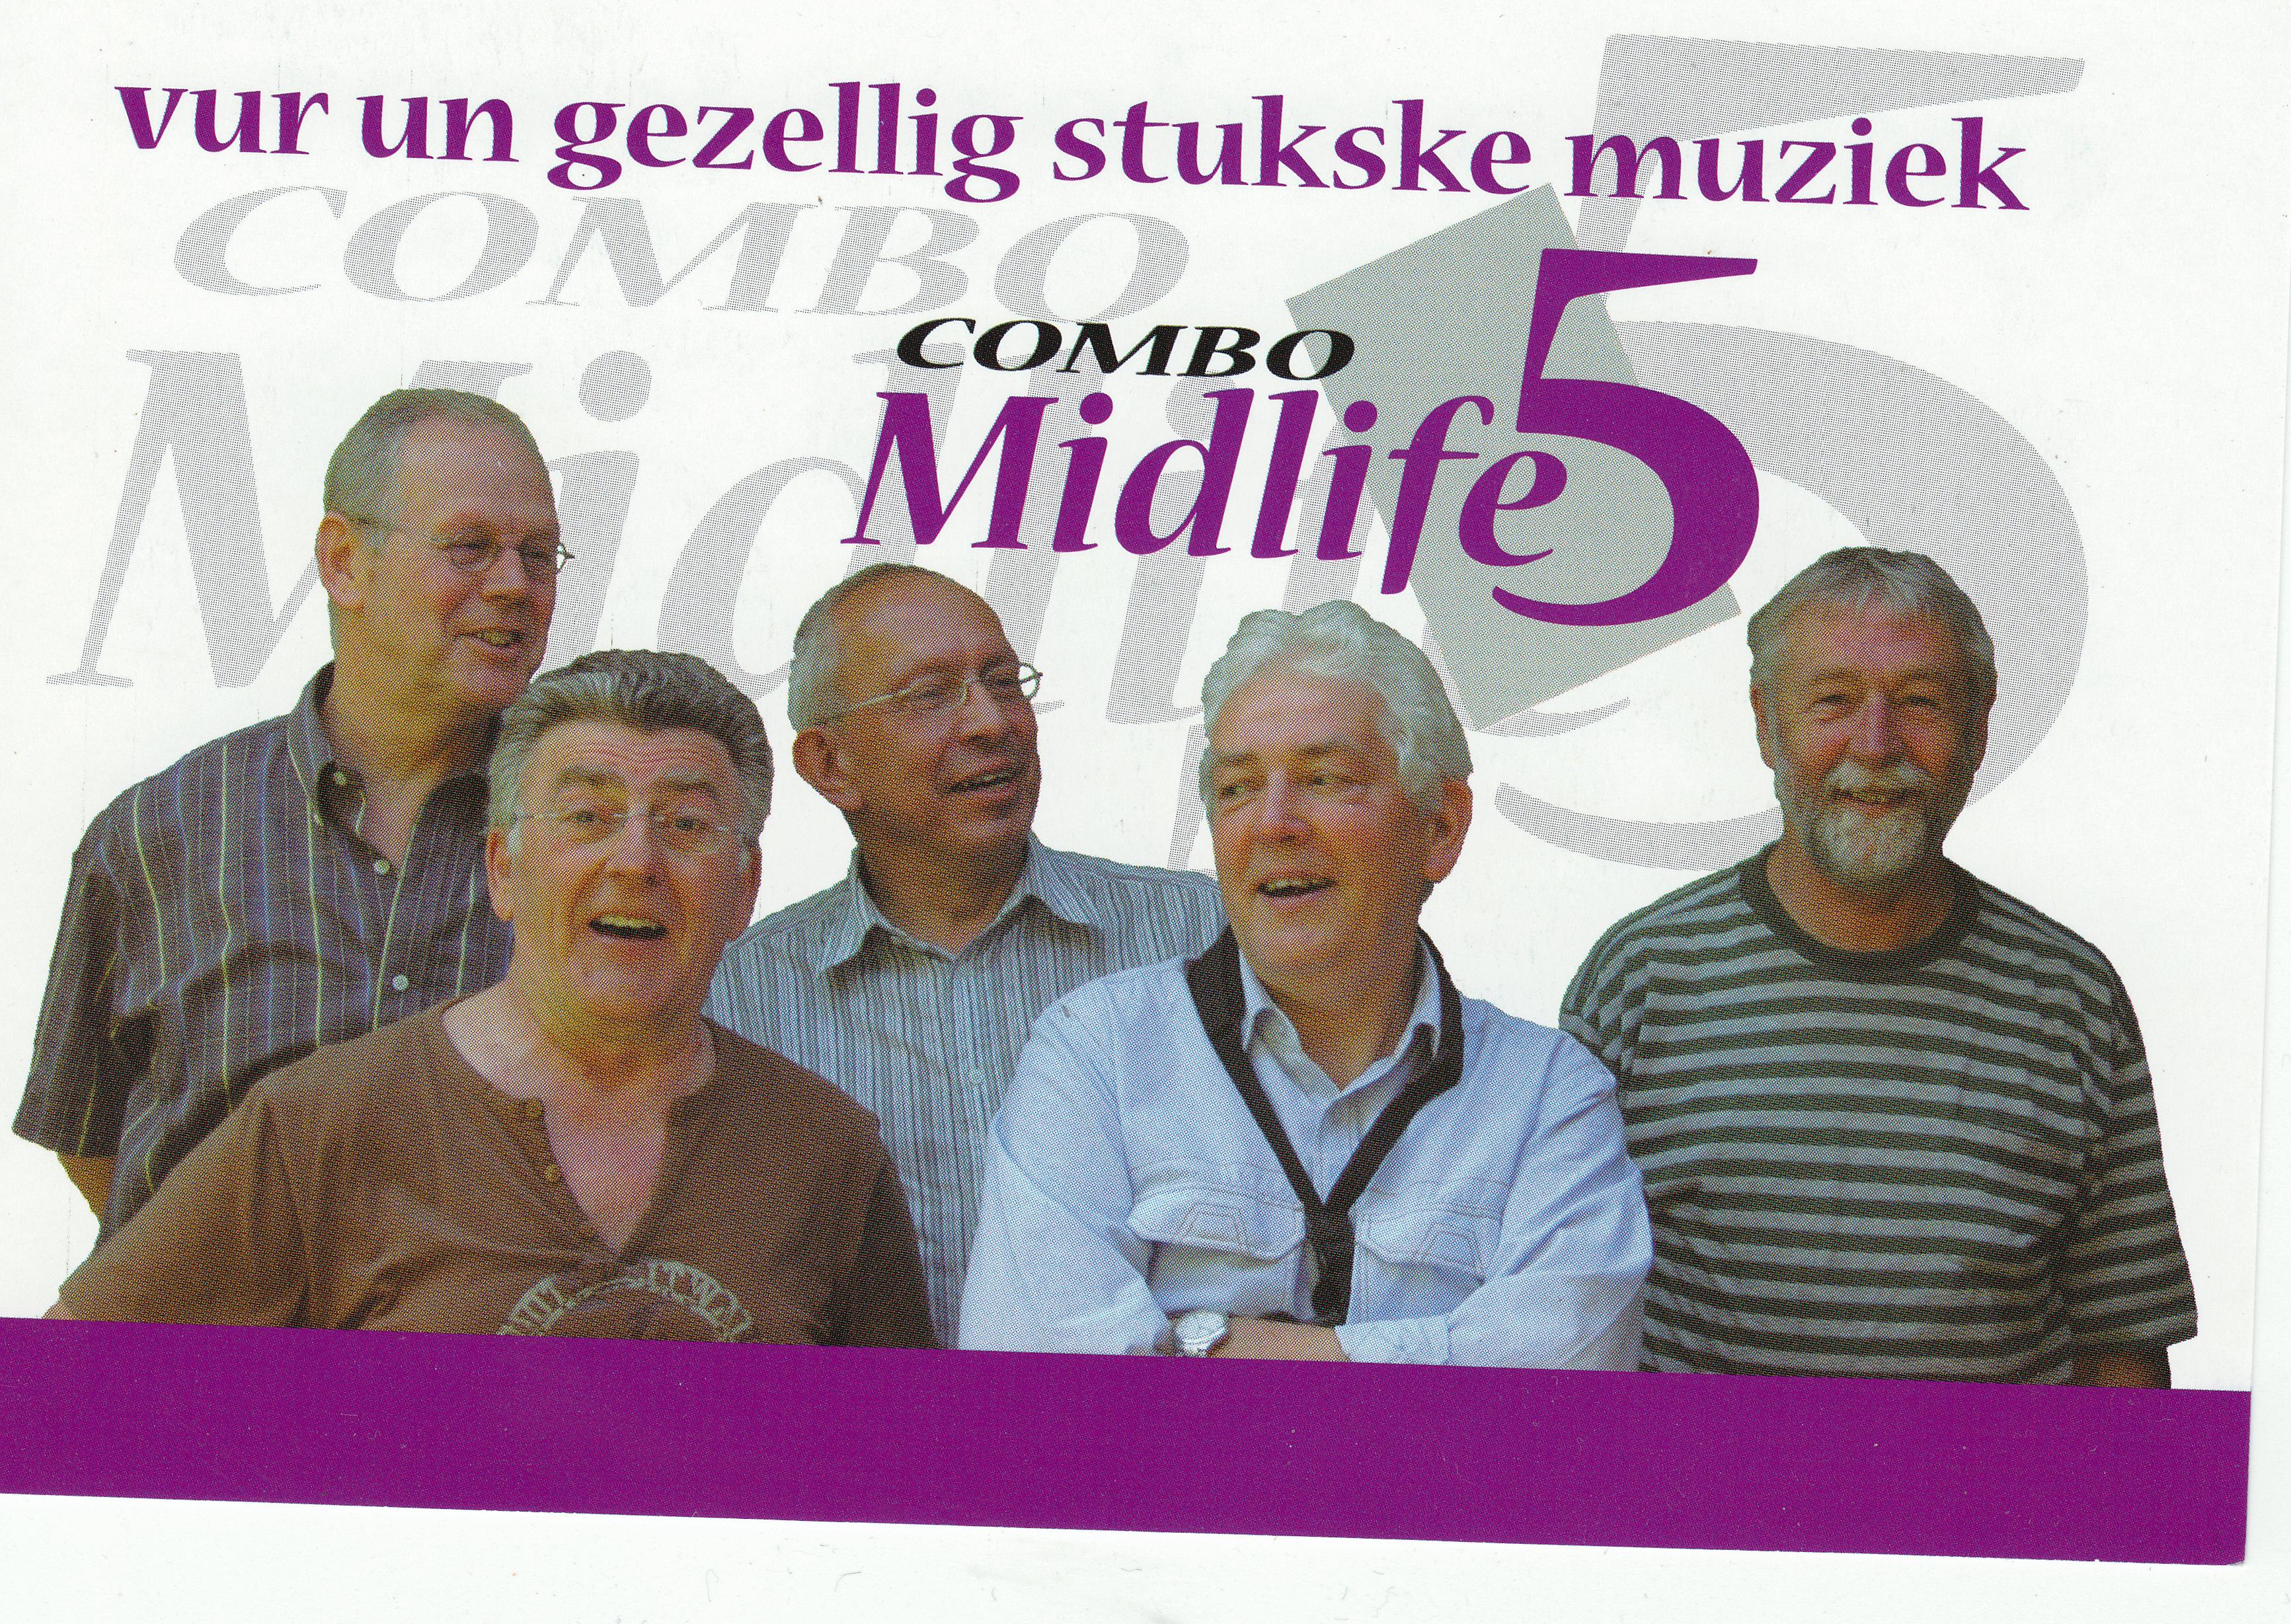 Midlife 5